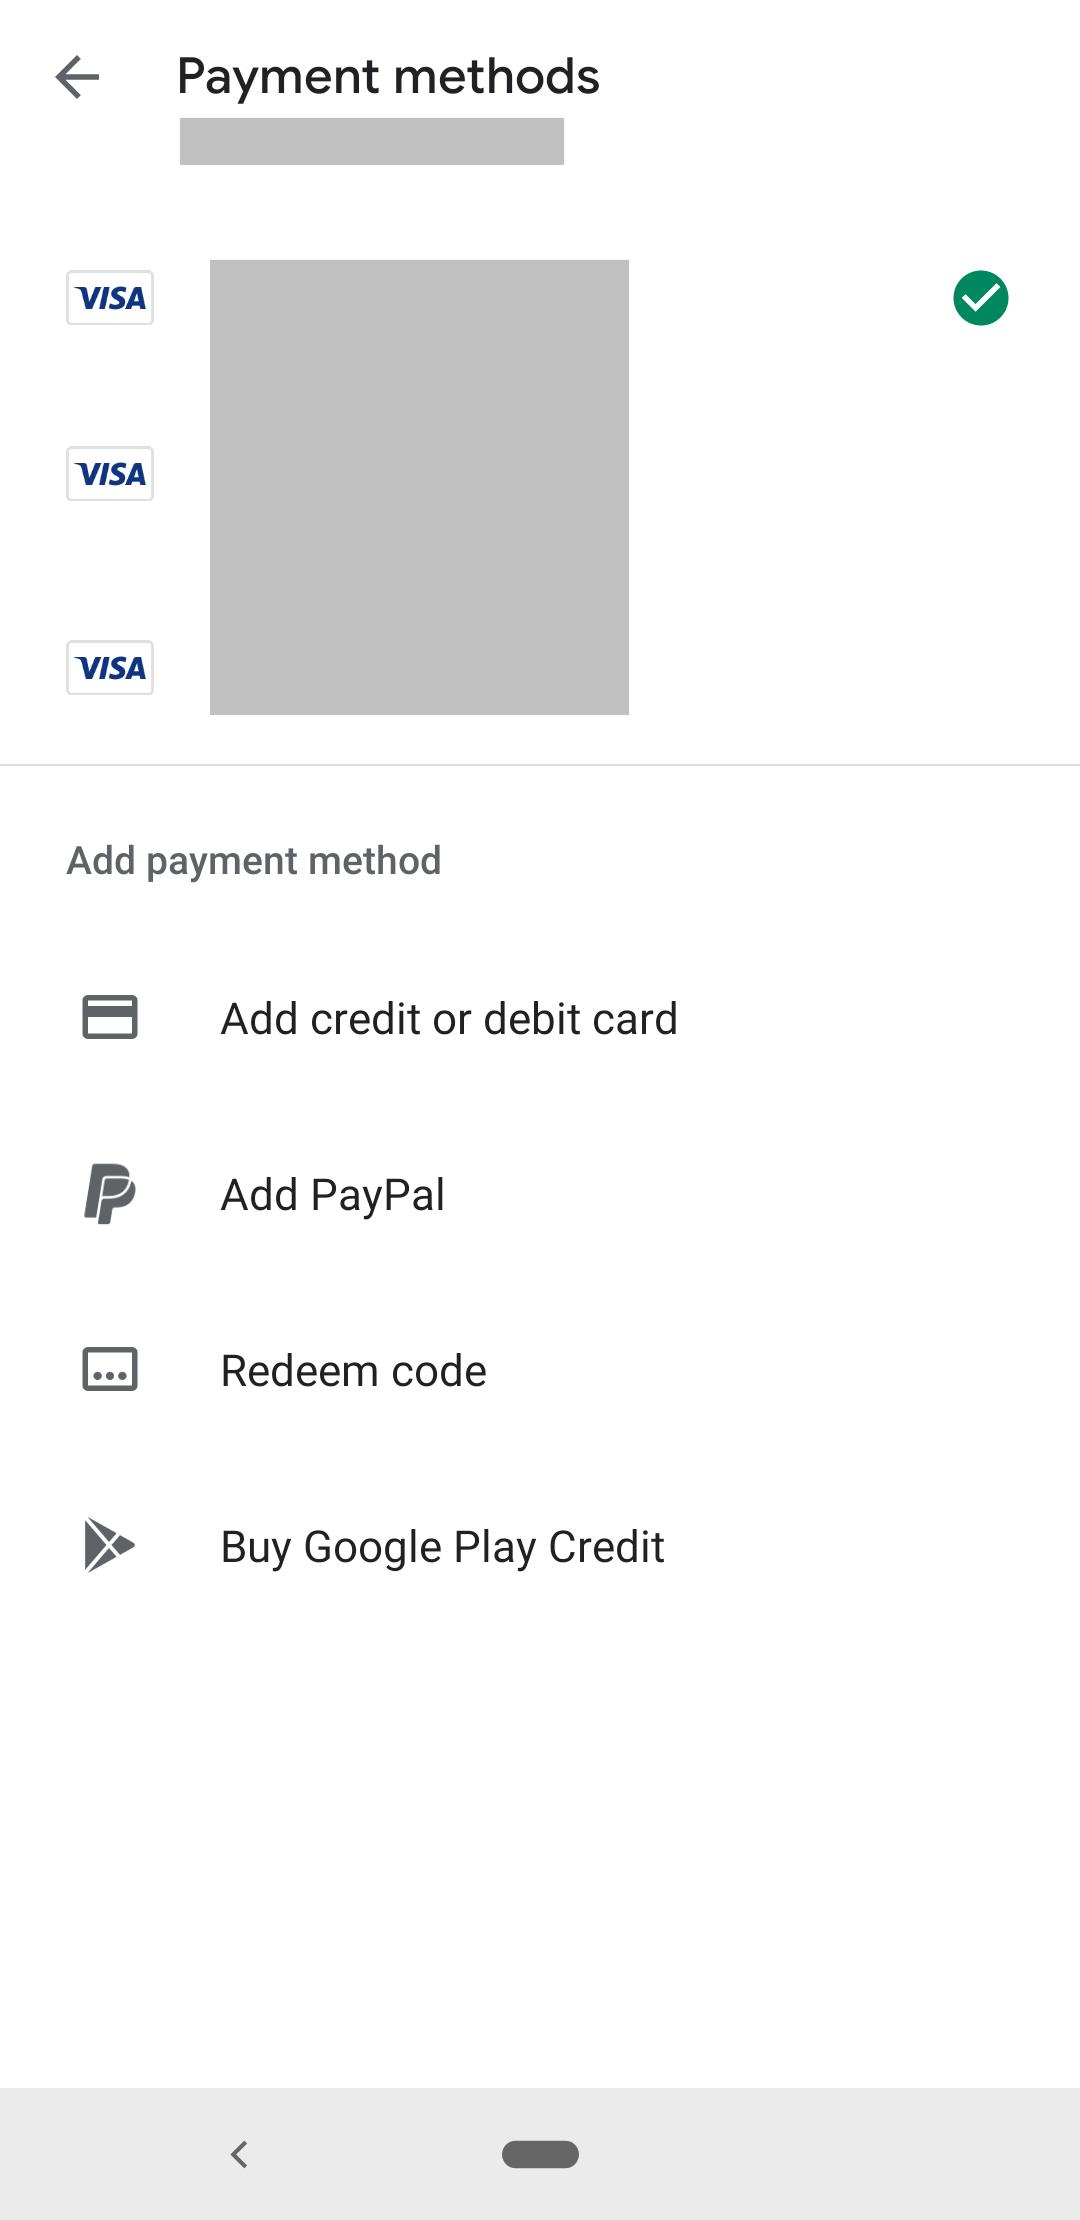 Pantalla que enumera las formas de pago para una compra directa desde la aplicación